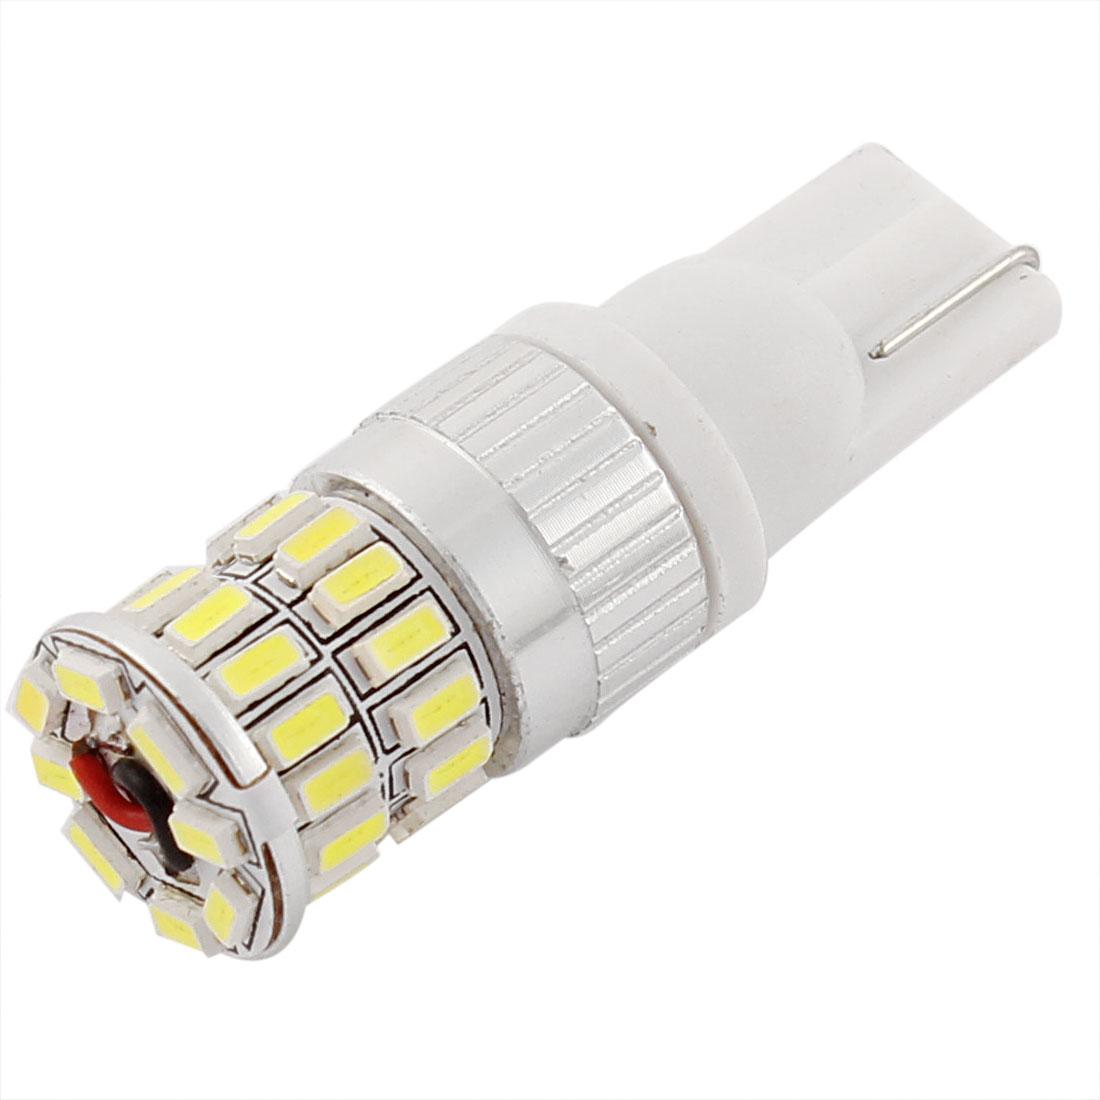 T10 194 3014 36 SMD LED Car Side Marker Backup Lights Lamp White Internal